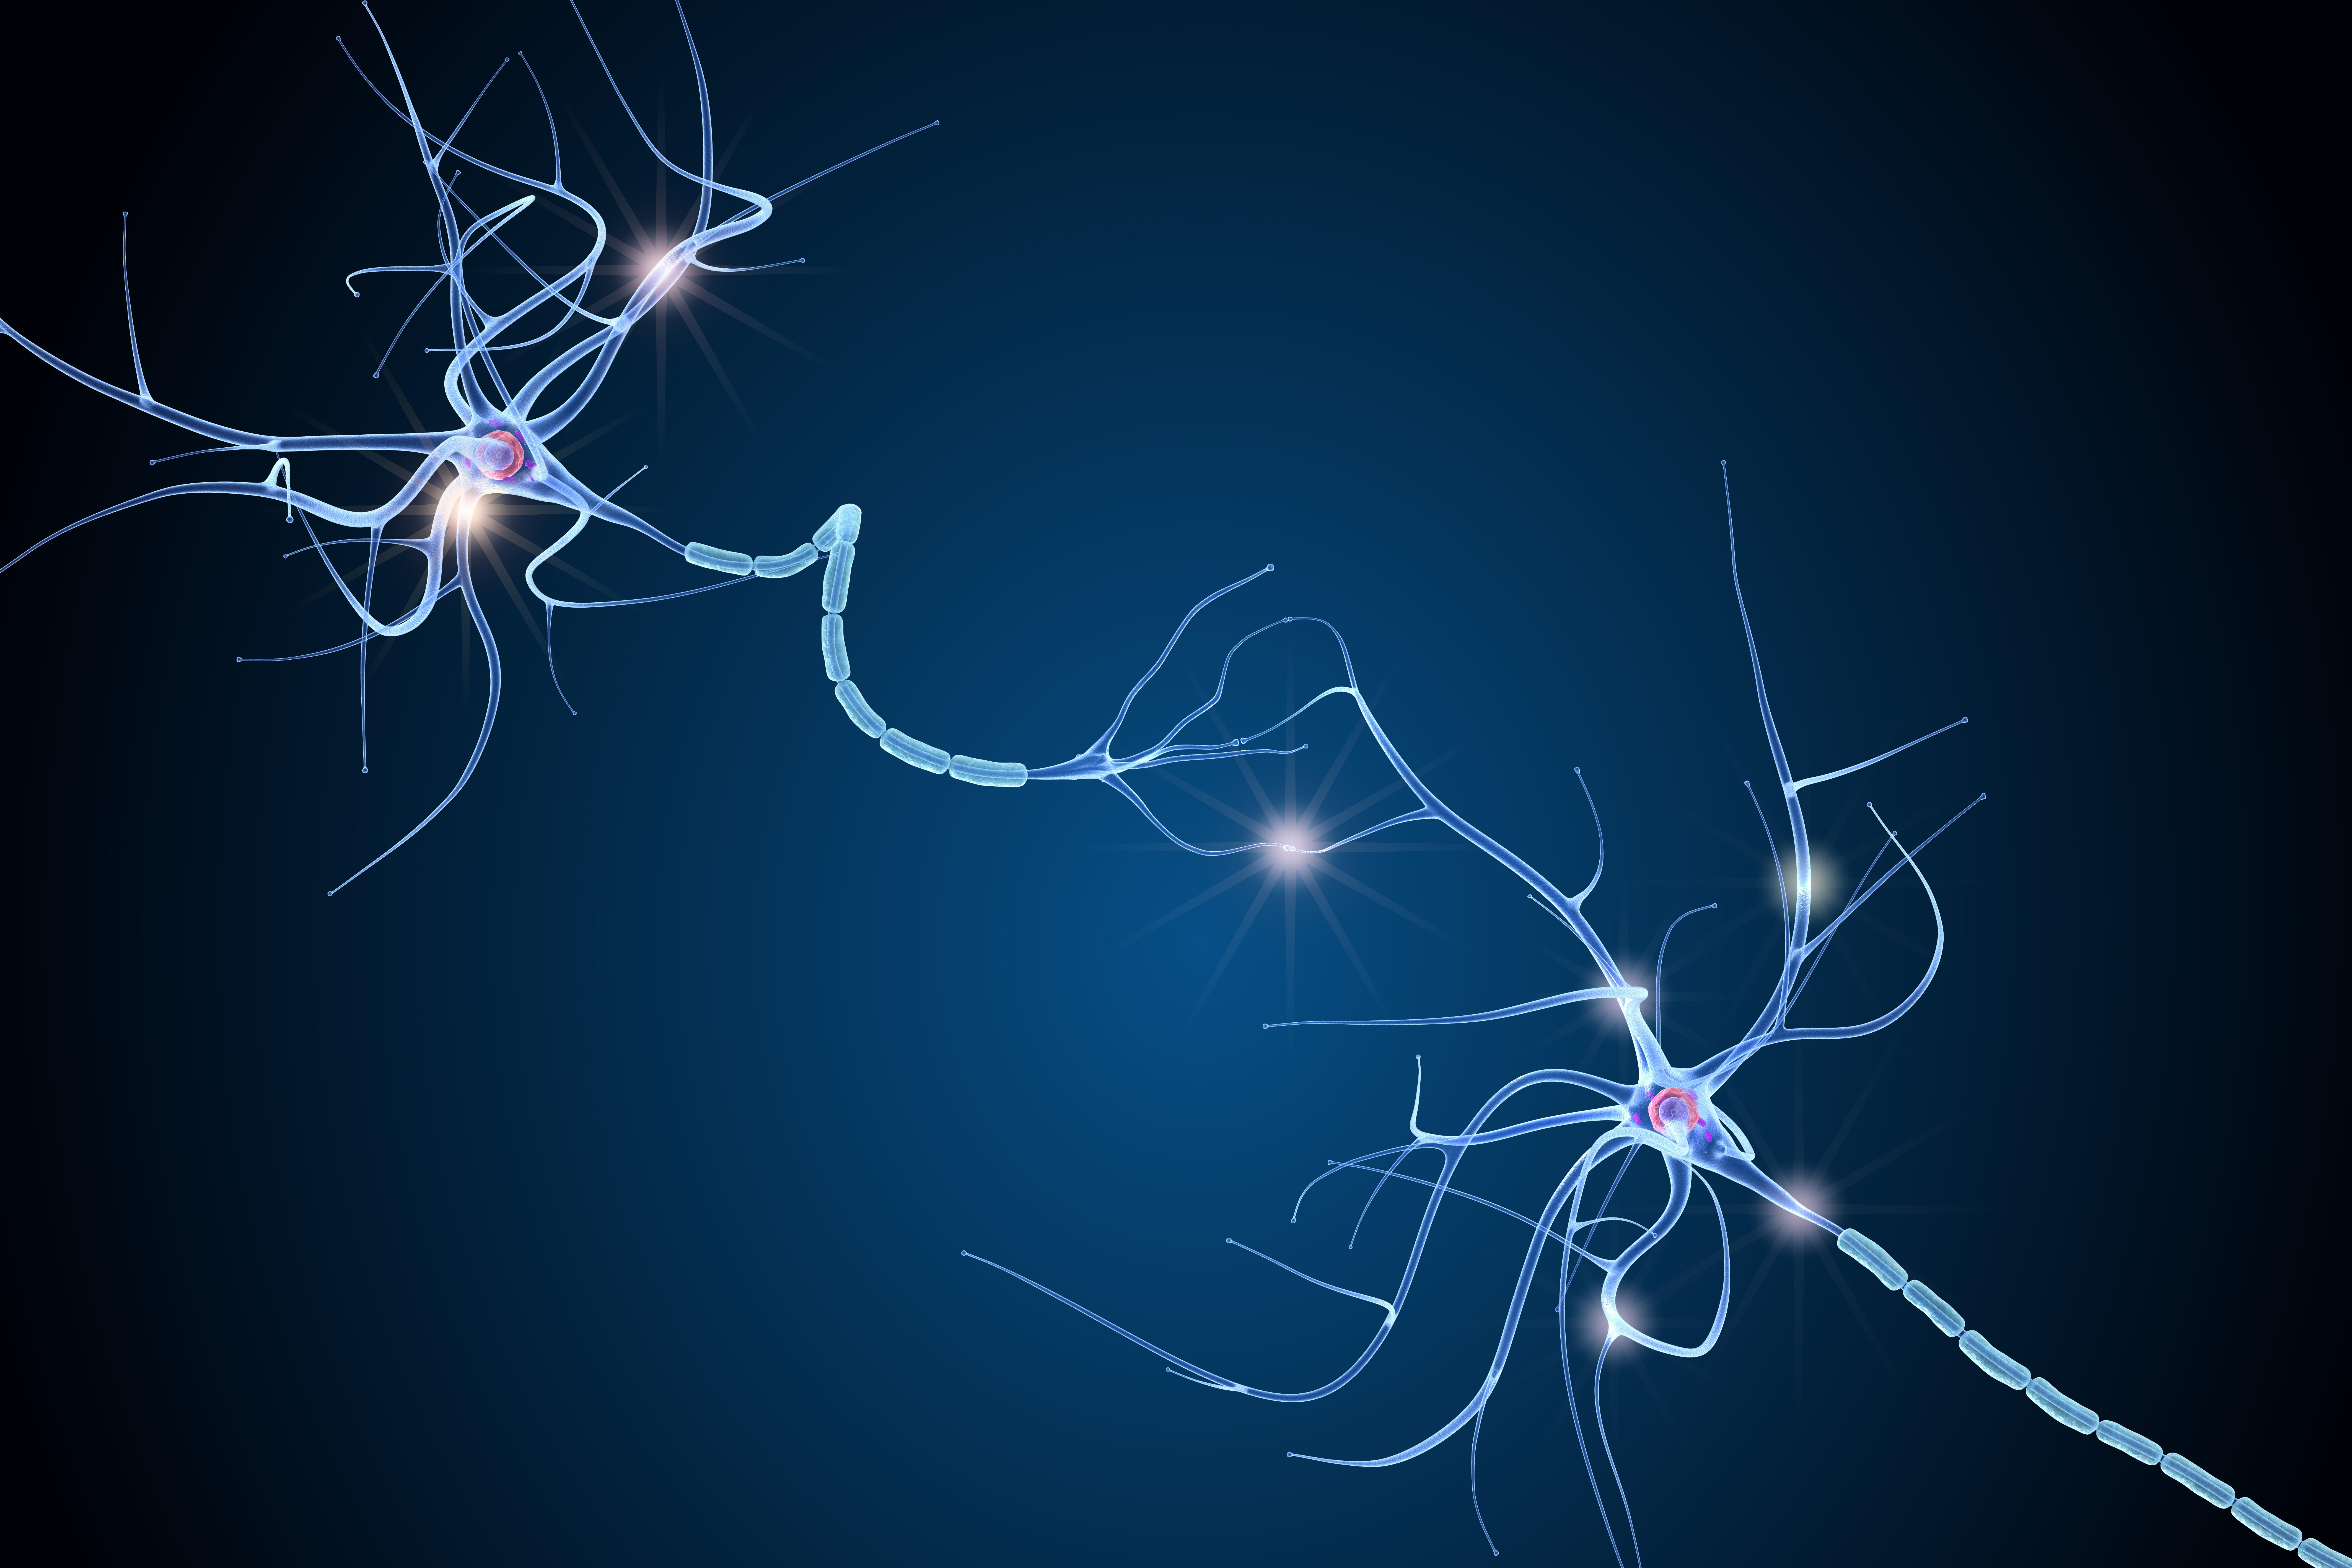 Mais que se passe-t-il dans un réseau neuronal, lorsqu'un neurone meurt ? (Visuel Adone Stock 224474654)